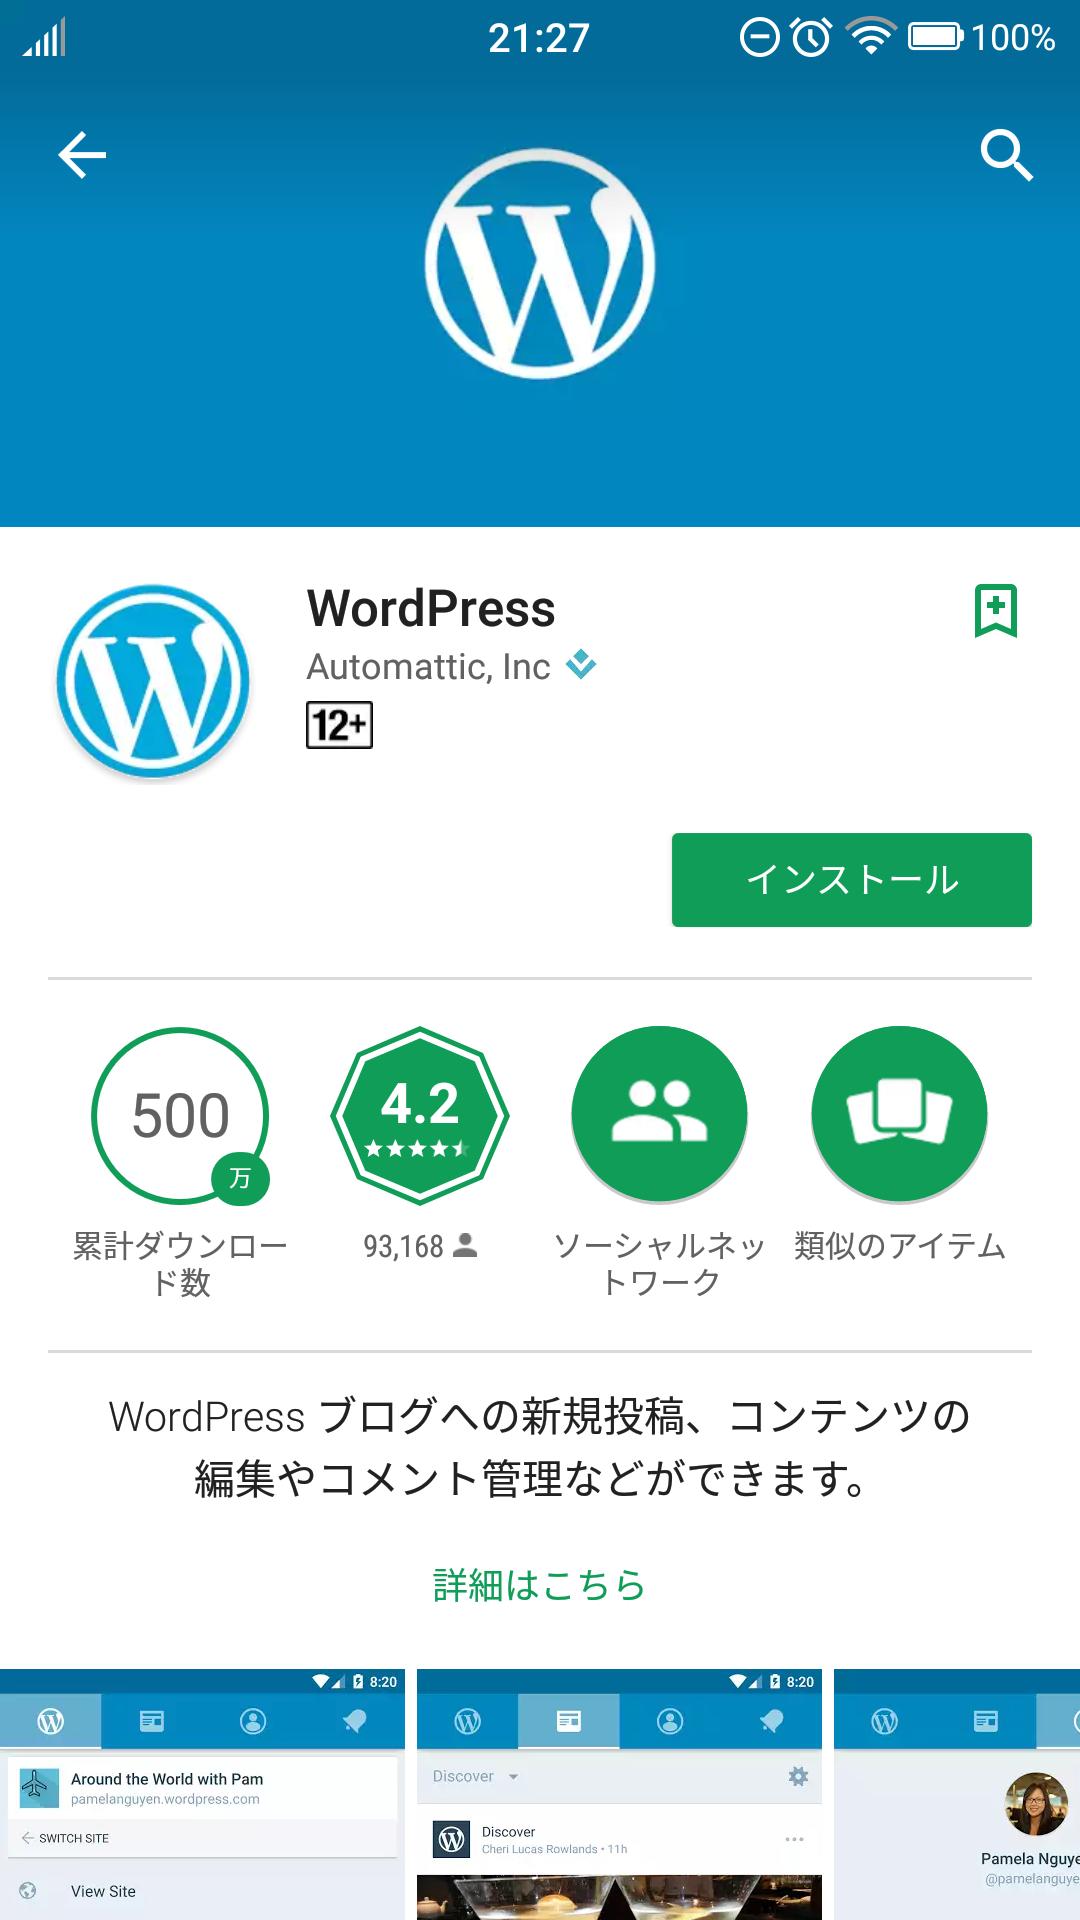 AndroidのスマートフォンからWordPressのblog記事を投稿できるか。